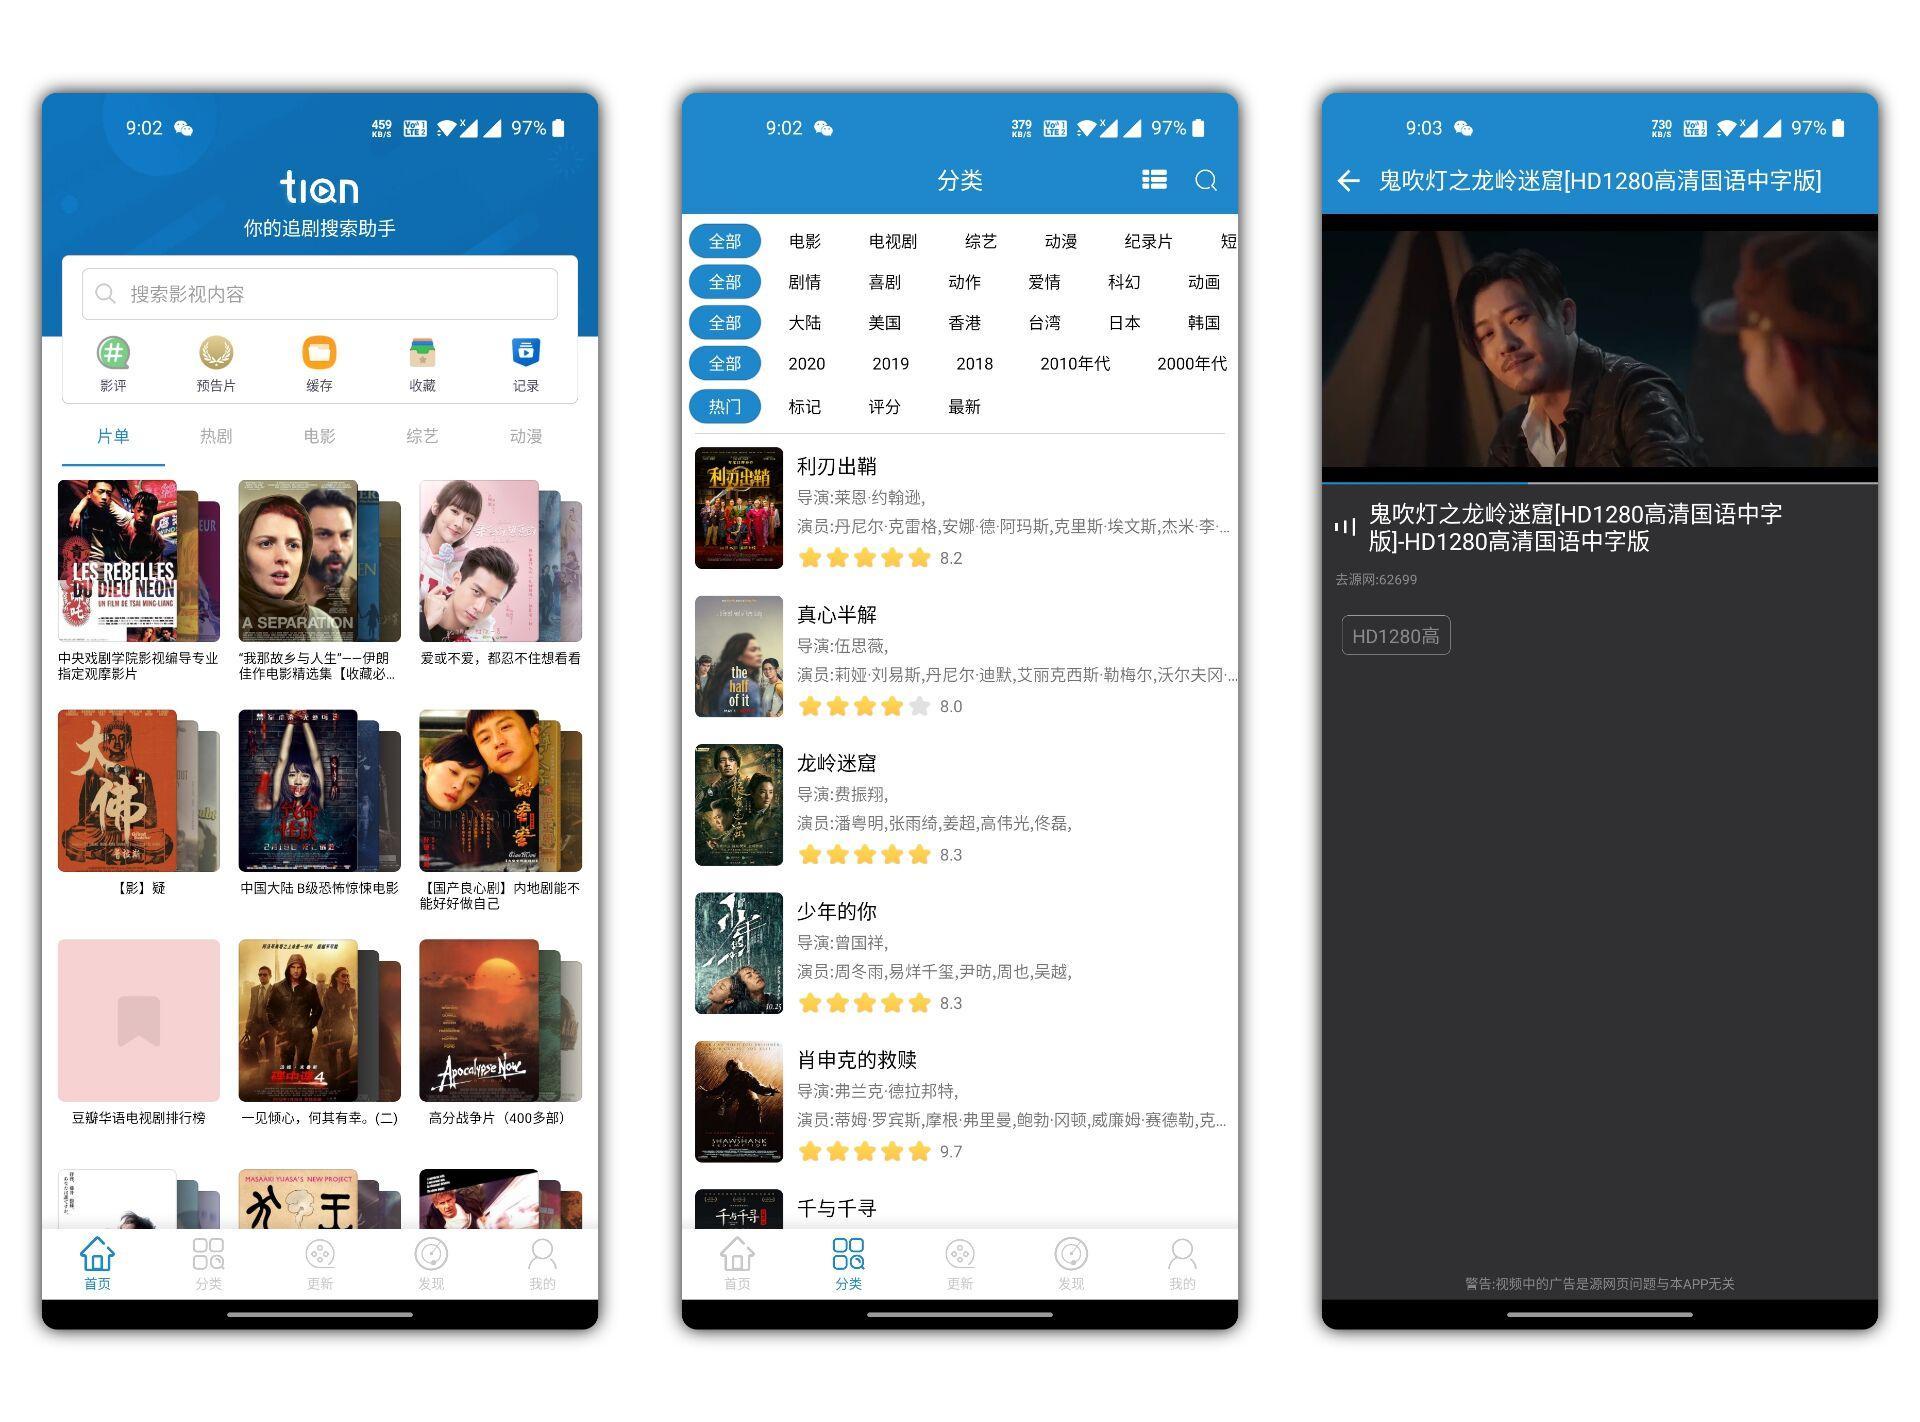 【每天搜索去广告版】6大影视平台免费看强大搜索引擎,OT20200516224936517.jpg,第1张